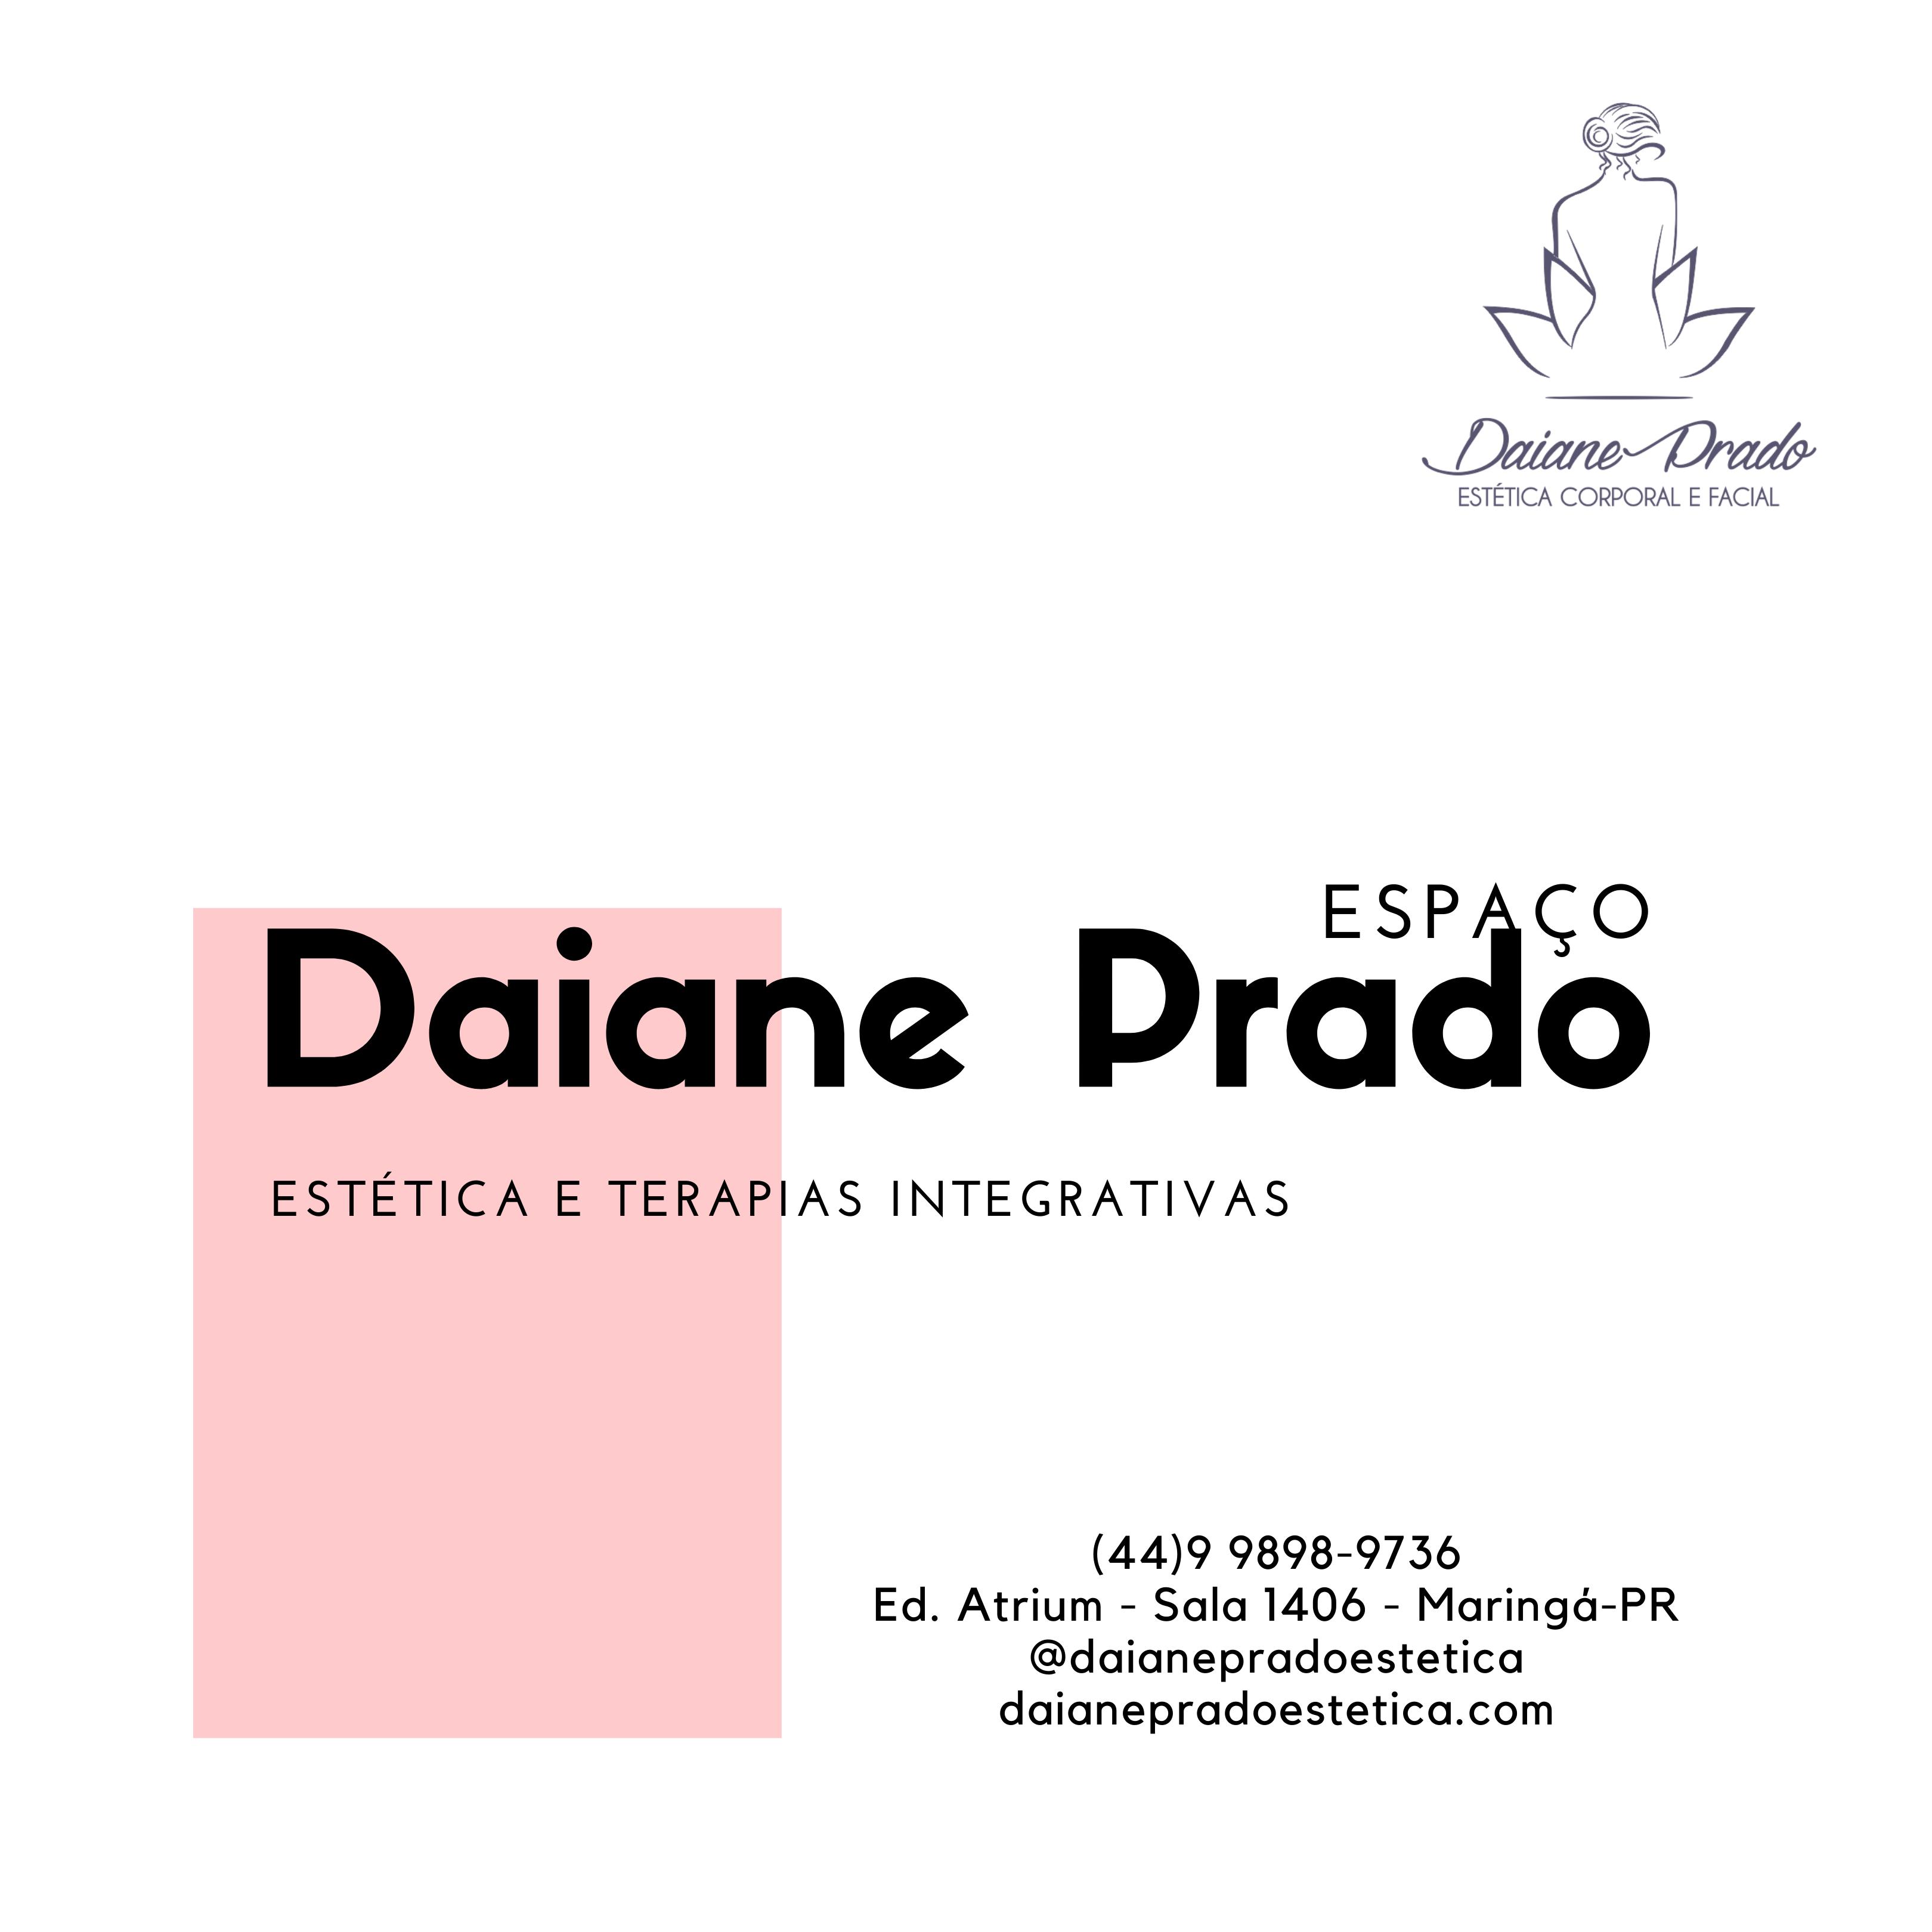 Espaço Daiane Prado Estética